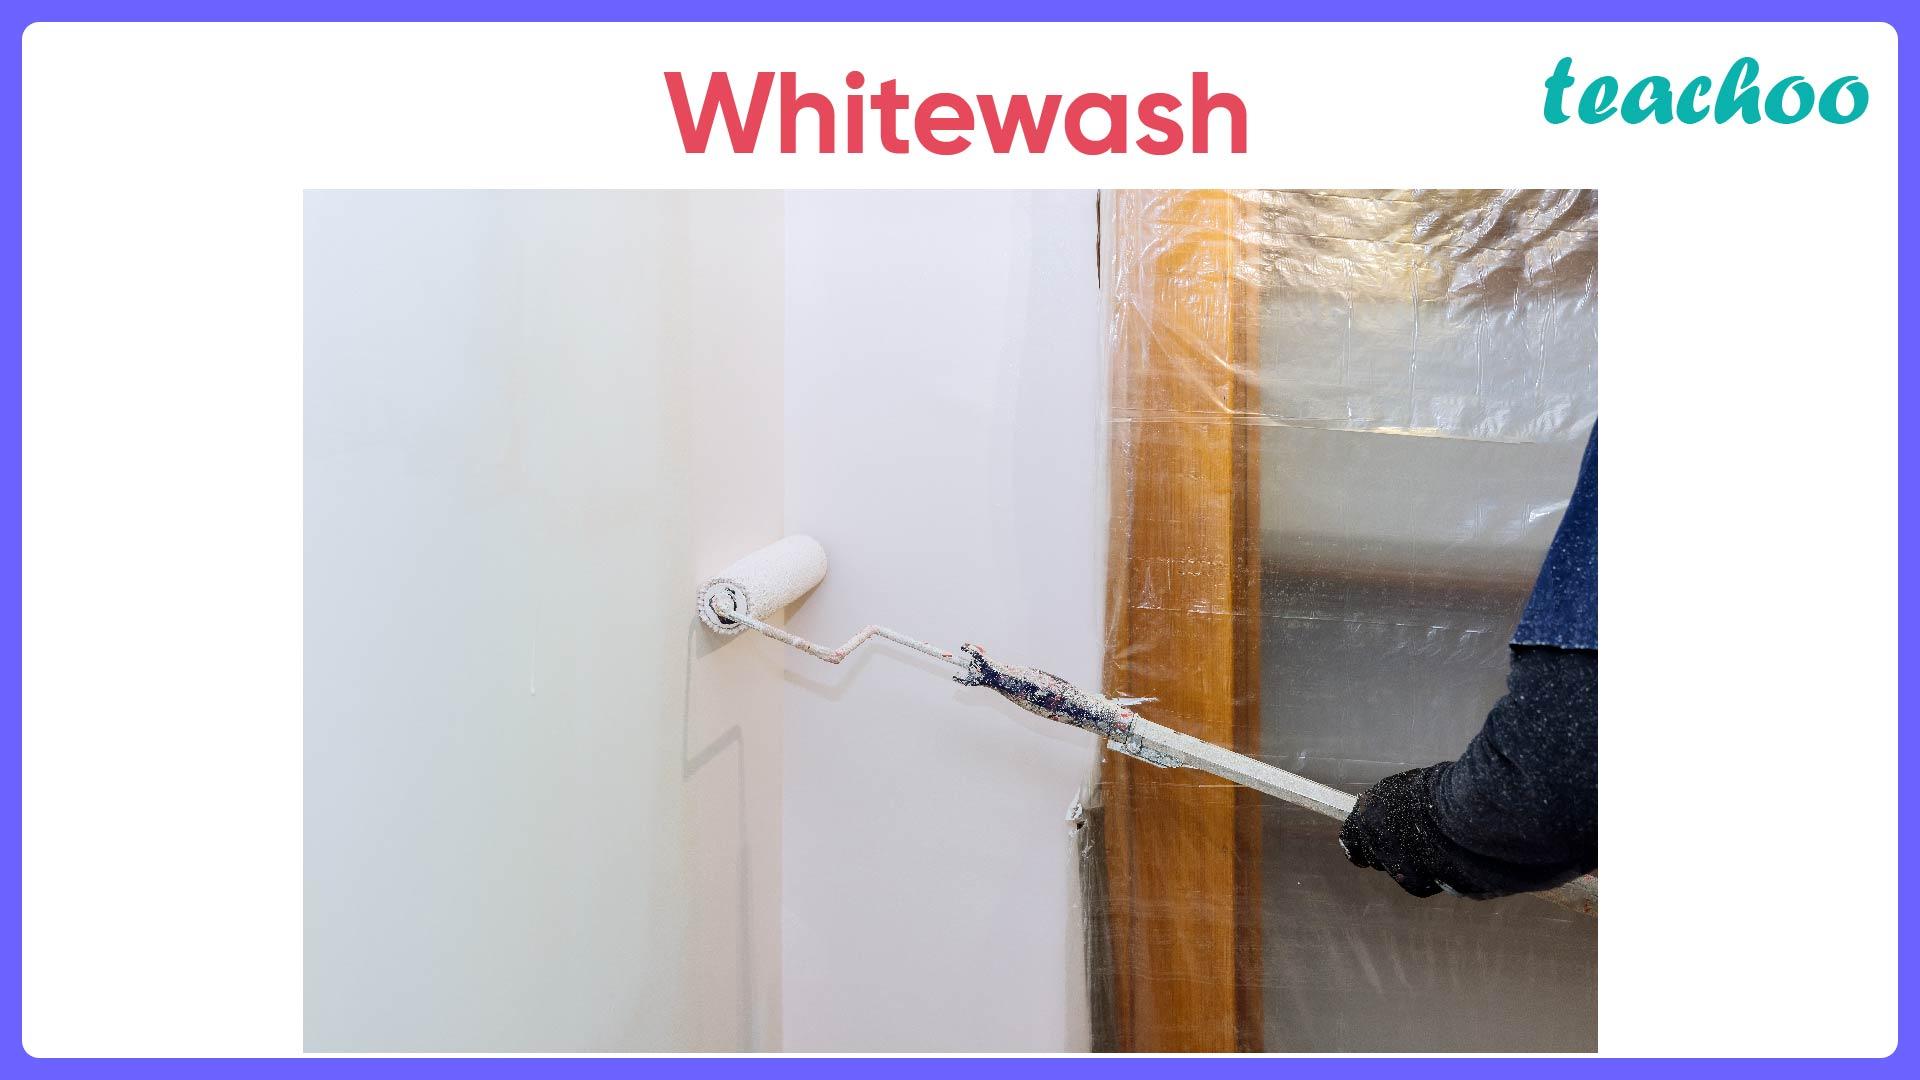 Whitewash-01.jpg